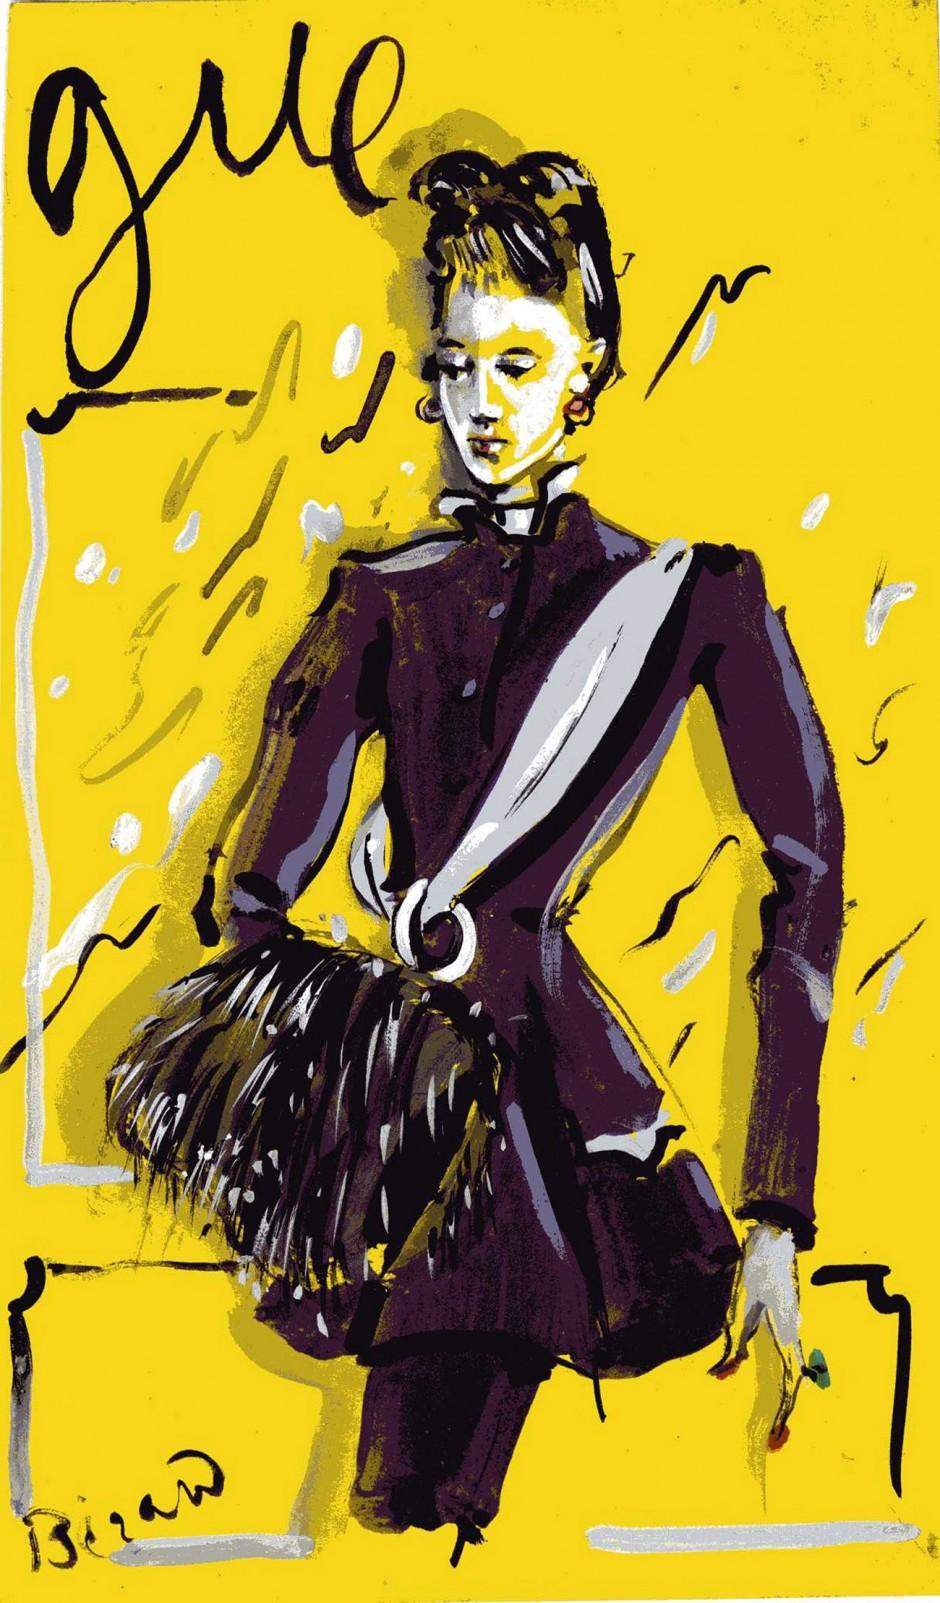 Christian Bérard, Ohne Titel, 1938, veröffentlicht in Vogue (Titelbild), Tuschpinsel und Aquarell, 35 x 20 cm